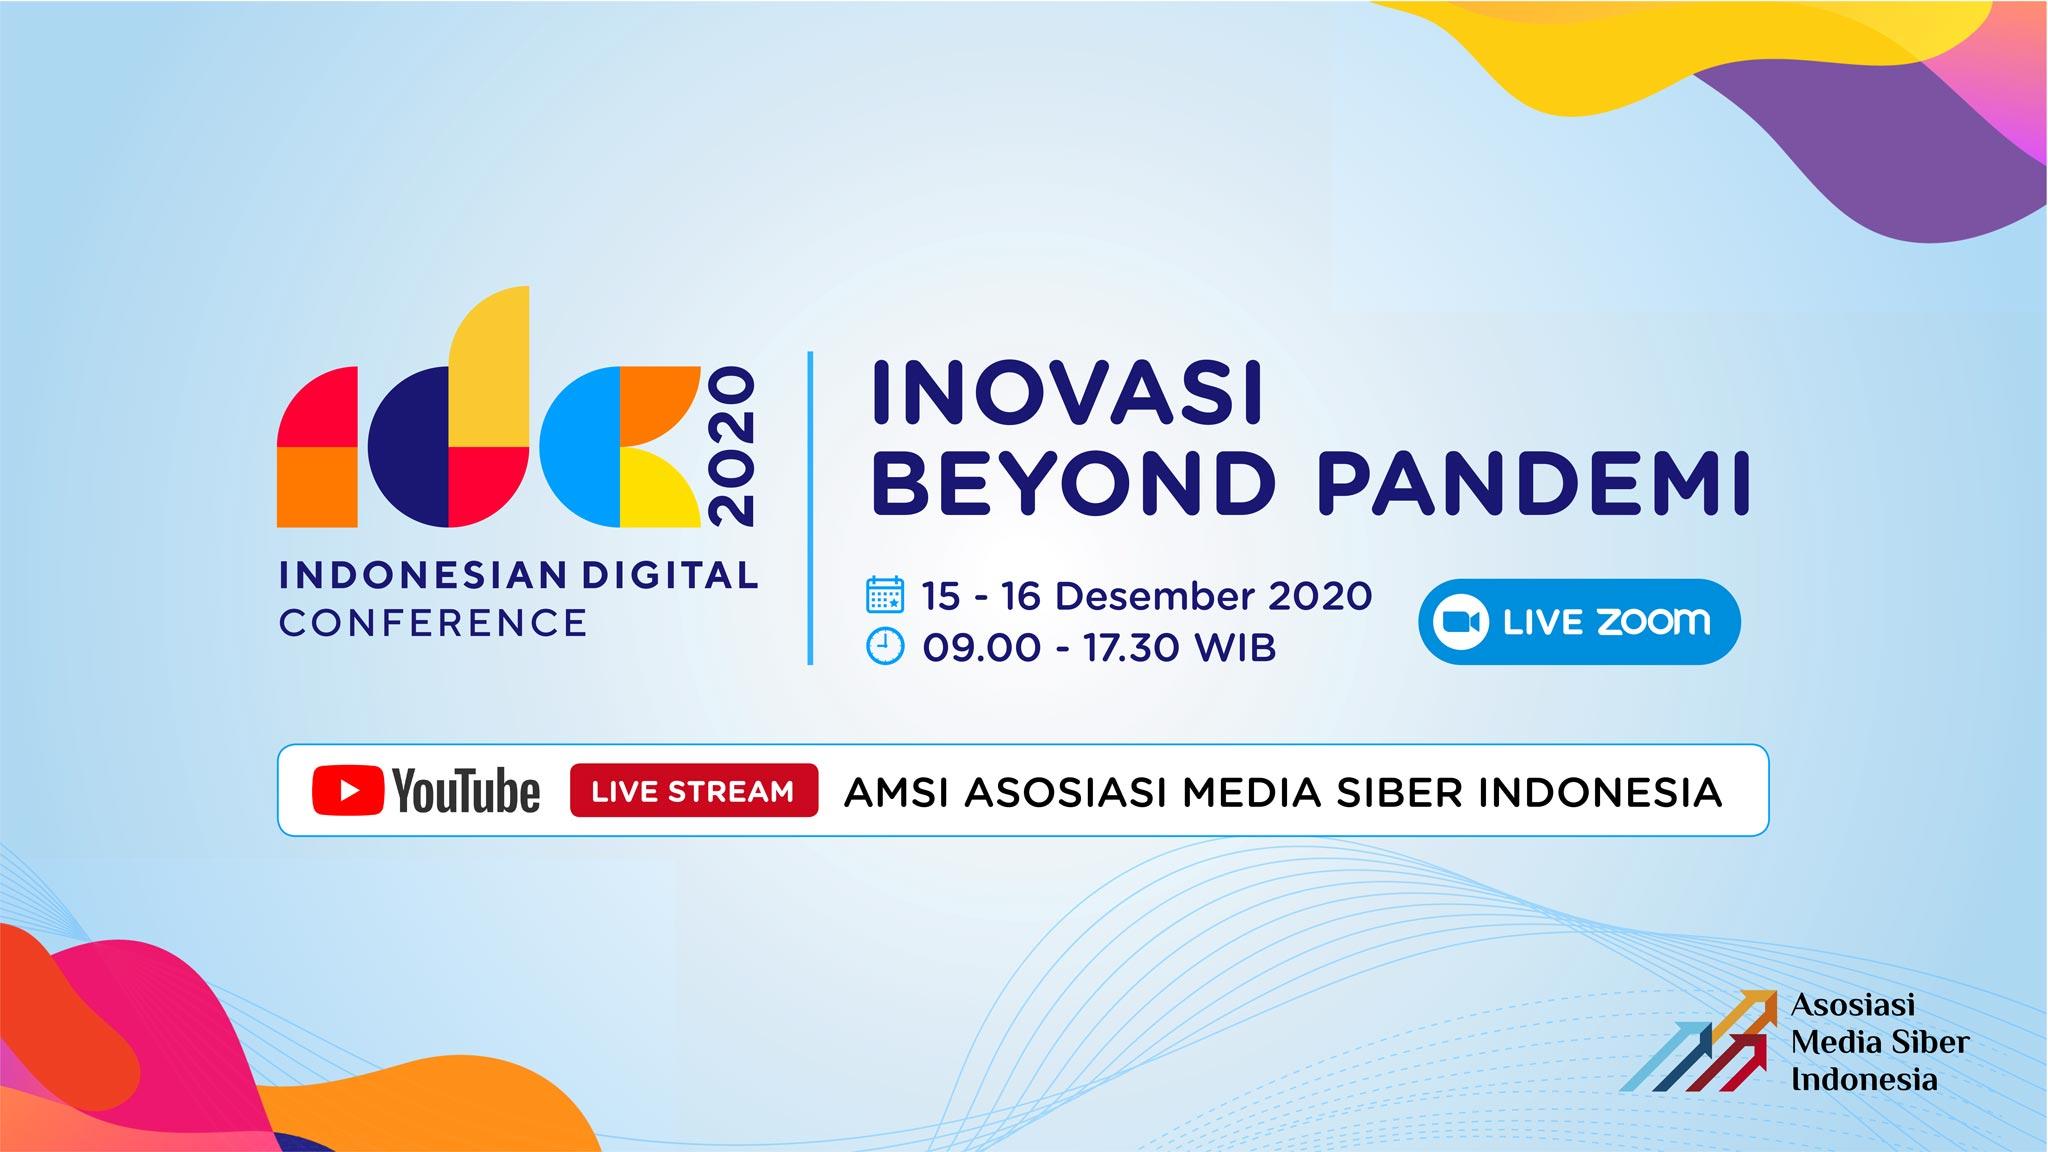 Presiden Jokowi Akan Membuka Indonesia Digital Conference 2020